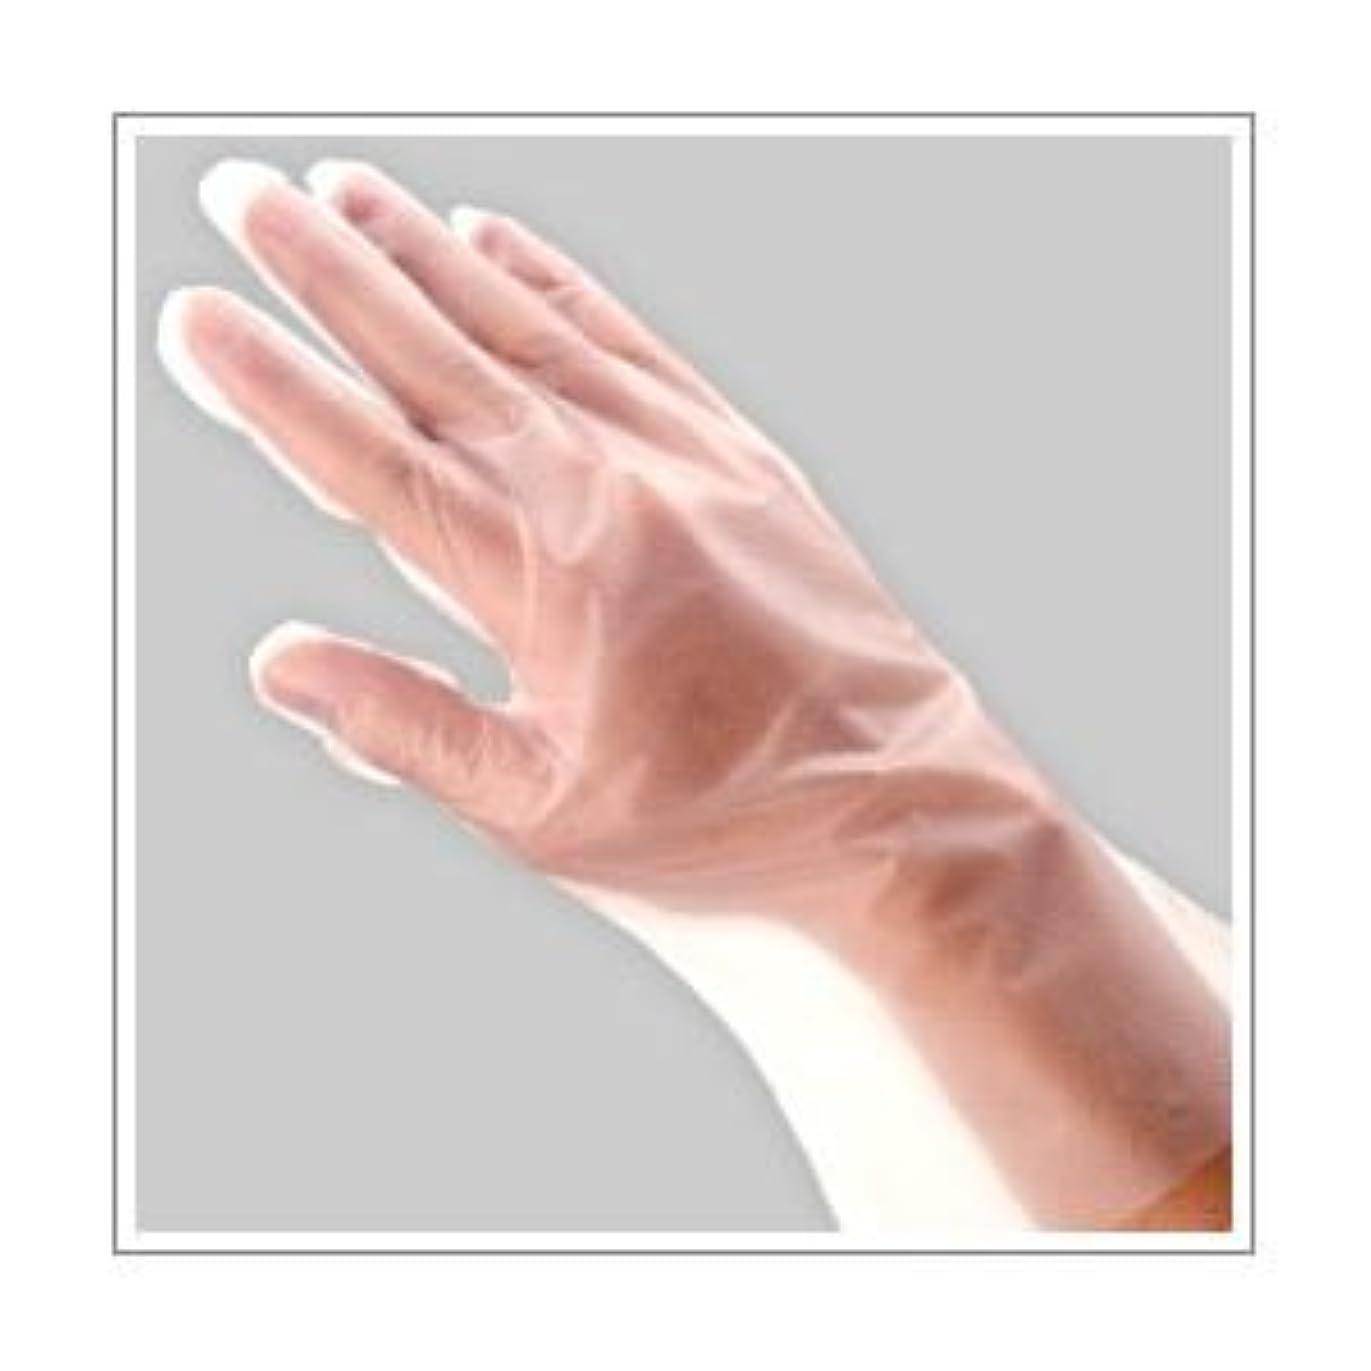 パン良心的コンパニオン福助工業 ポリ手袋 指フィット 100枚パック L ×10セット